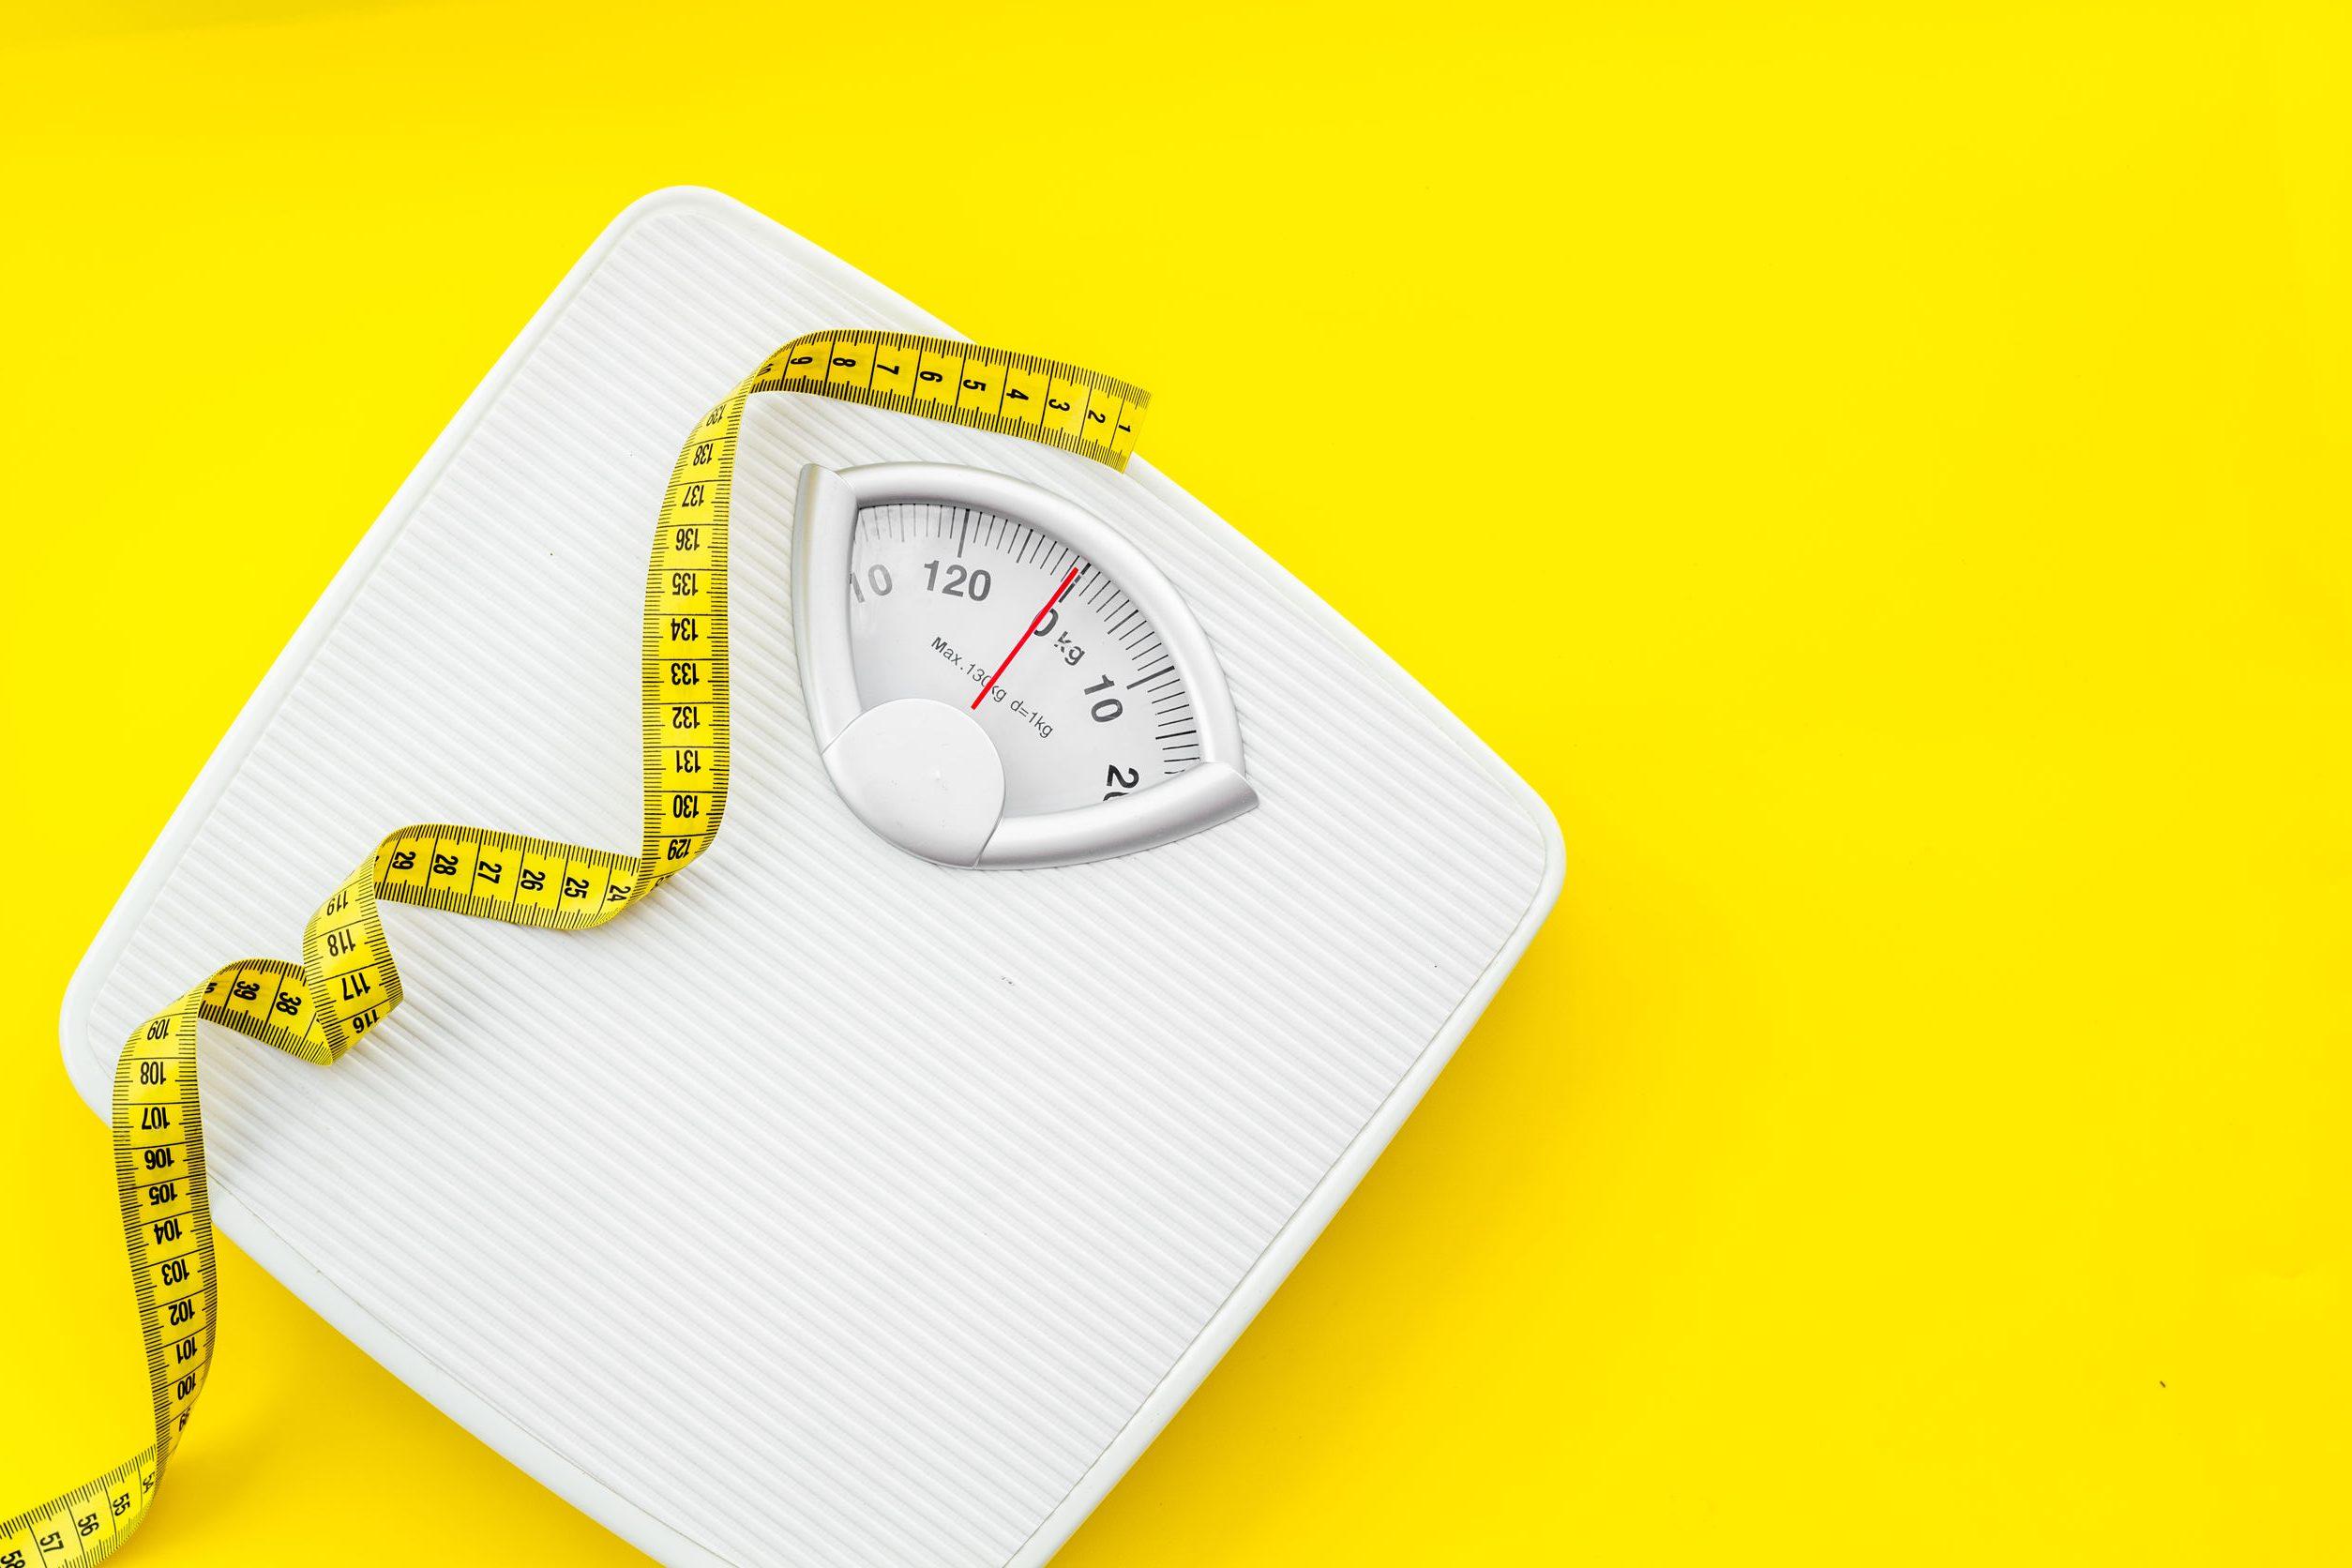 Imagem de uma balança com uma fita métrica.